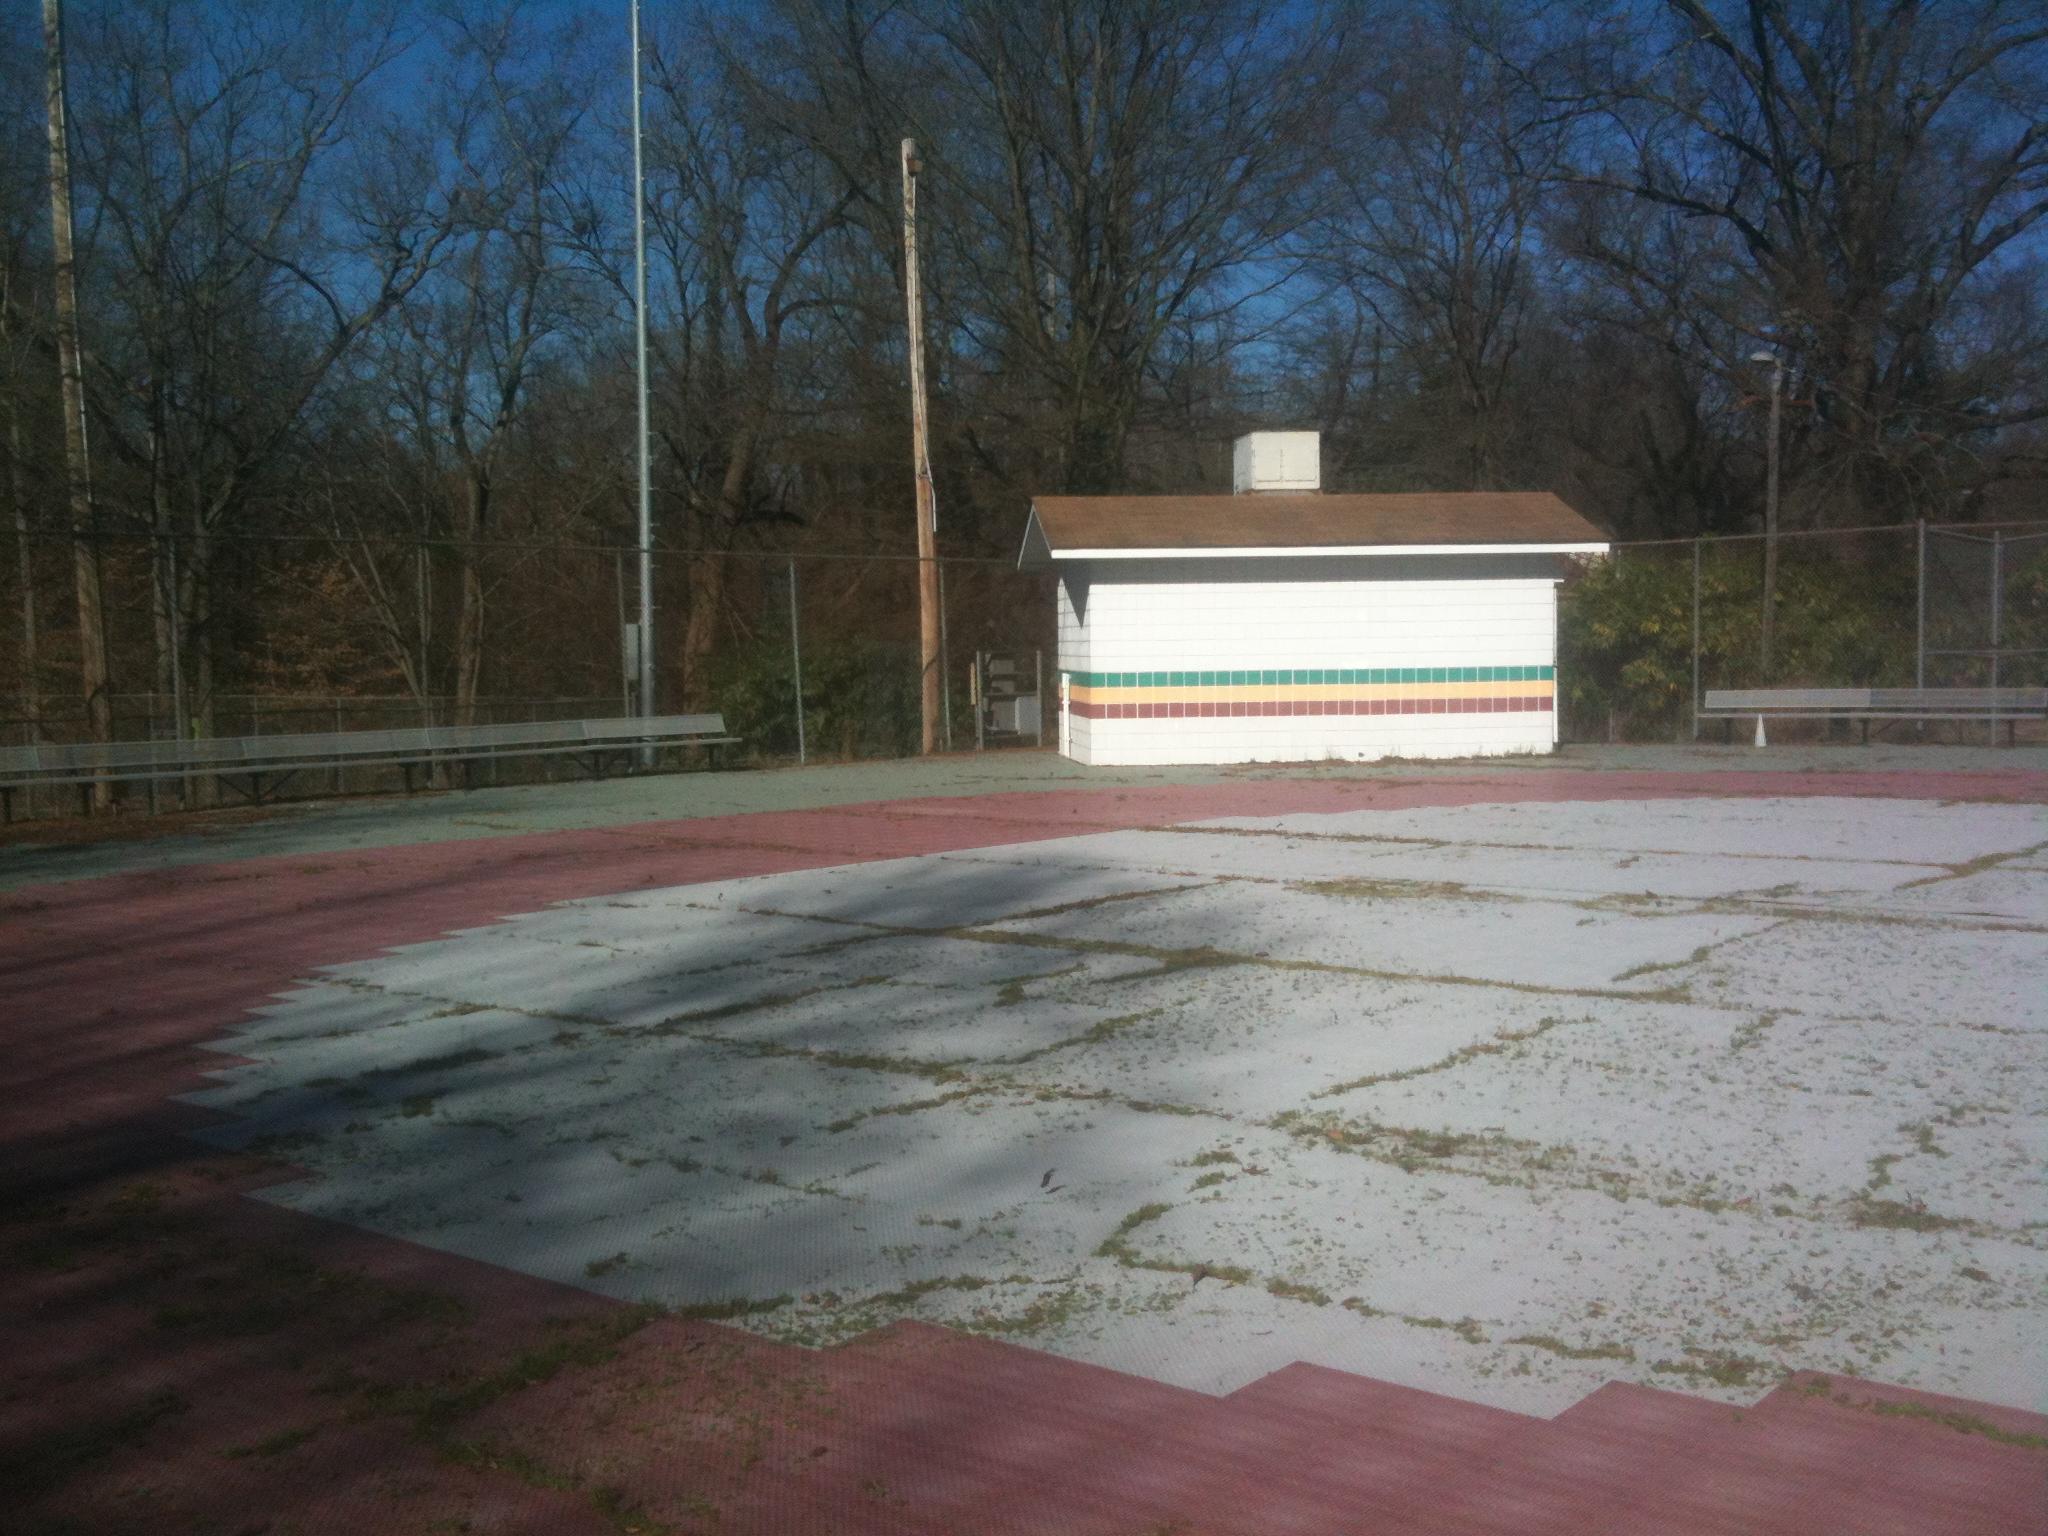 Roller skating rink durham - Wd Hill Roller Rink